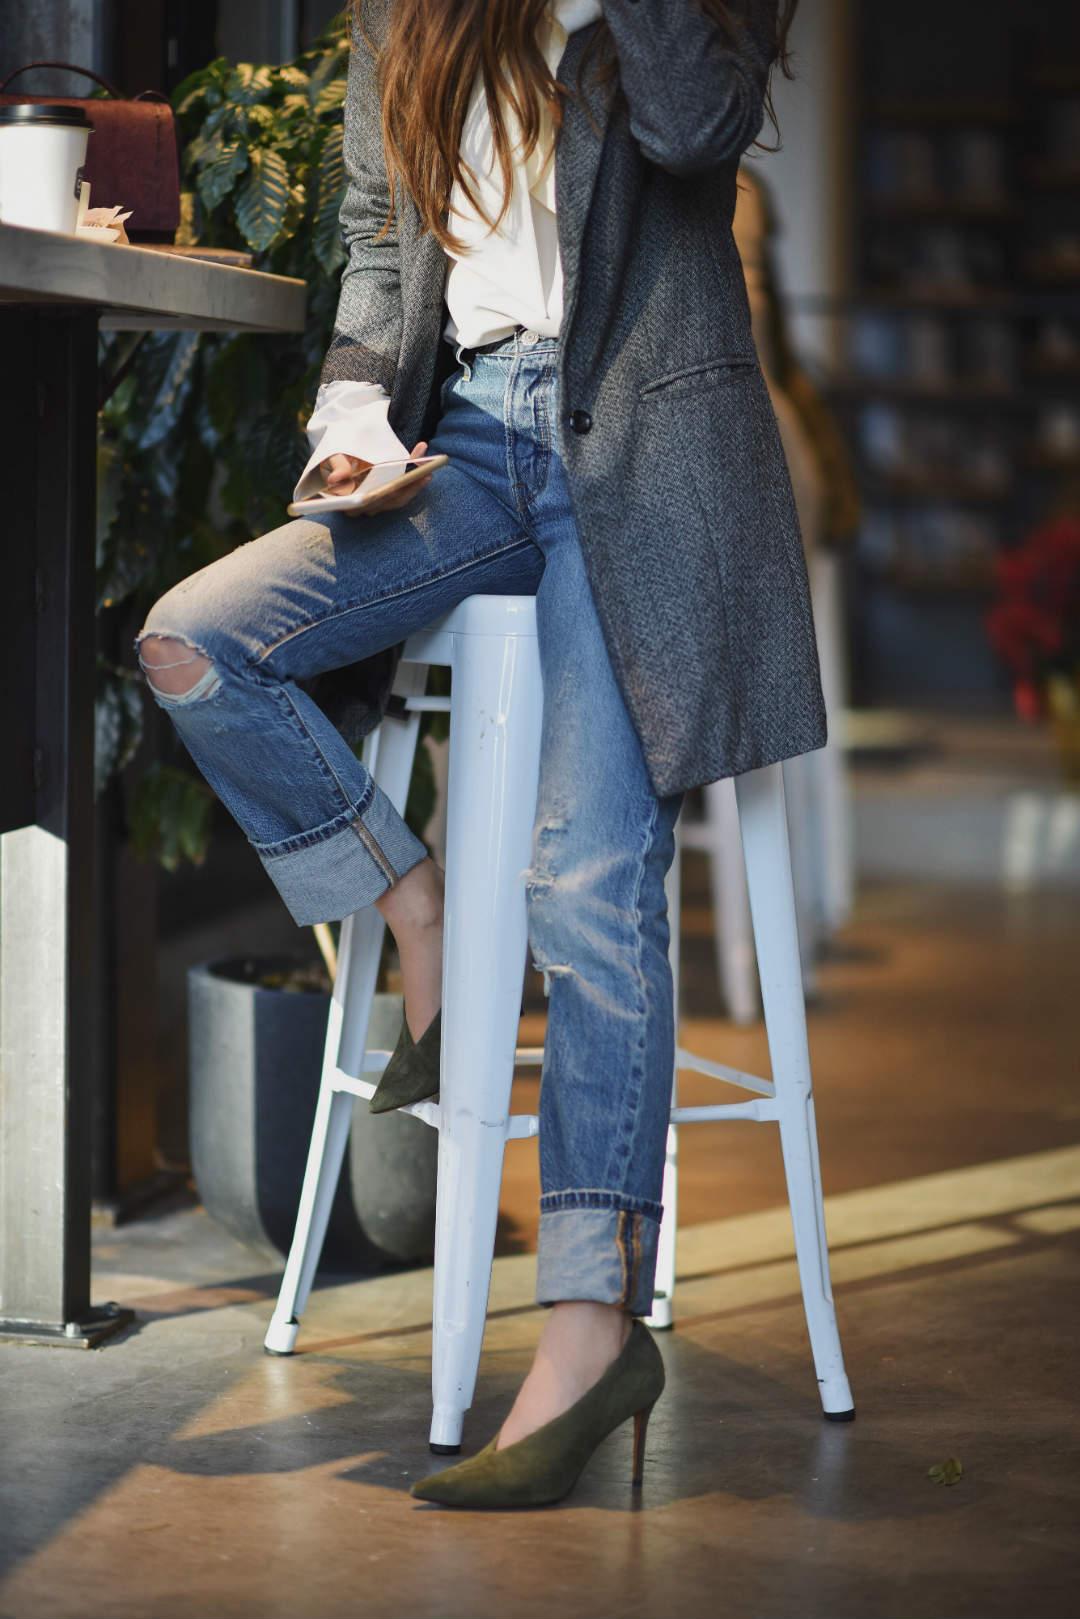 Всего одна пара туфель, которая вам нужна чтобы быть в тренде этой весной